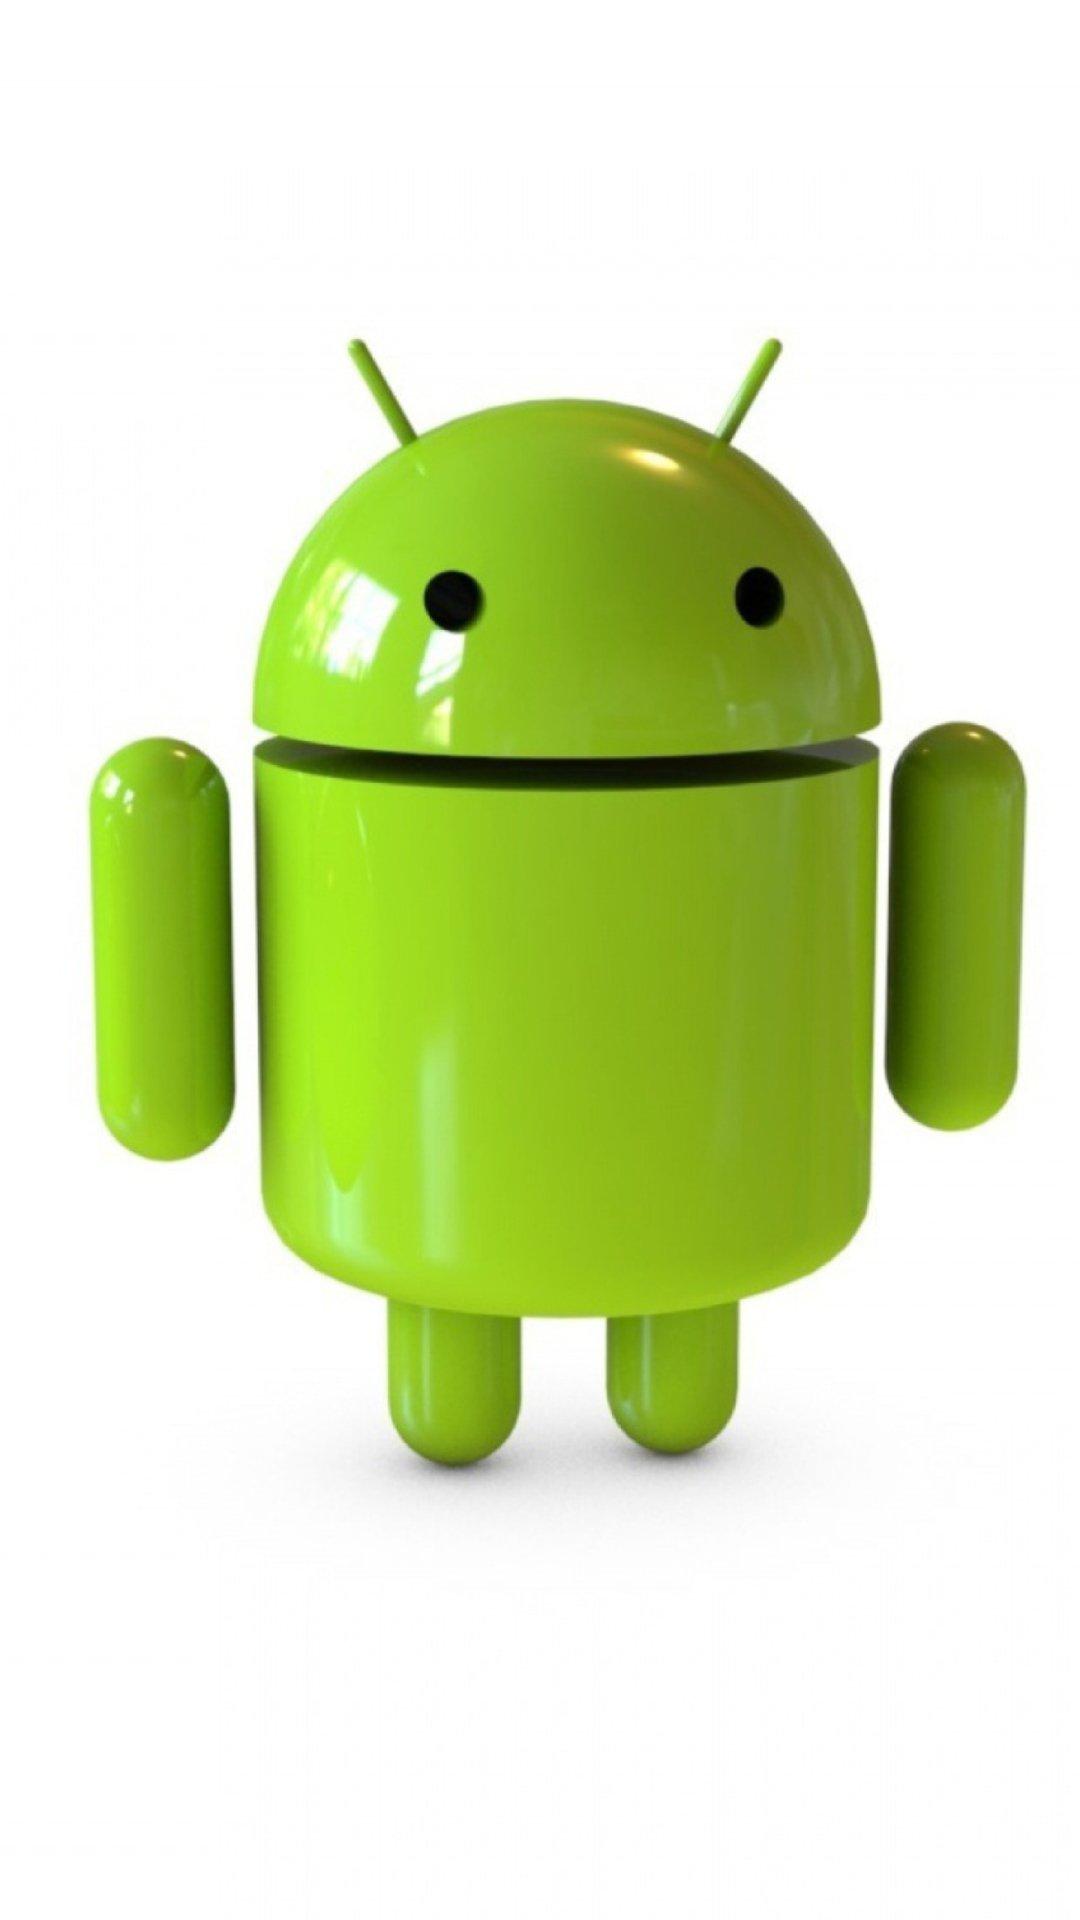 Прикольные картинки андроида